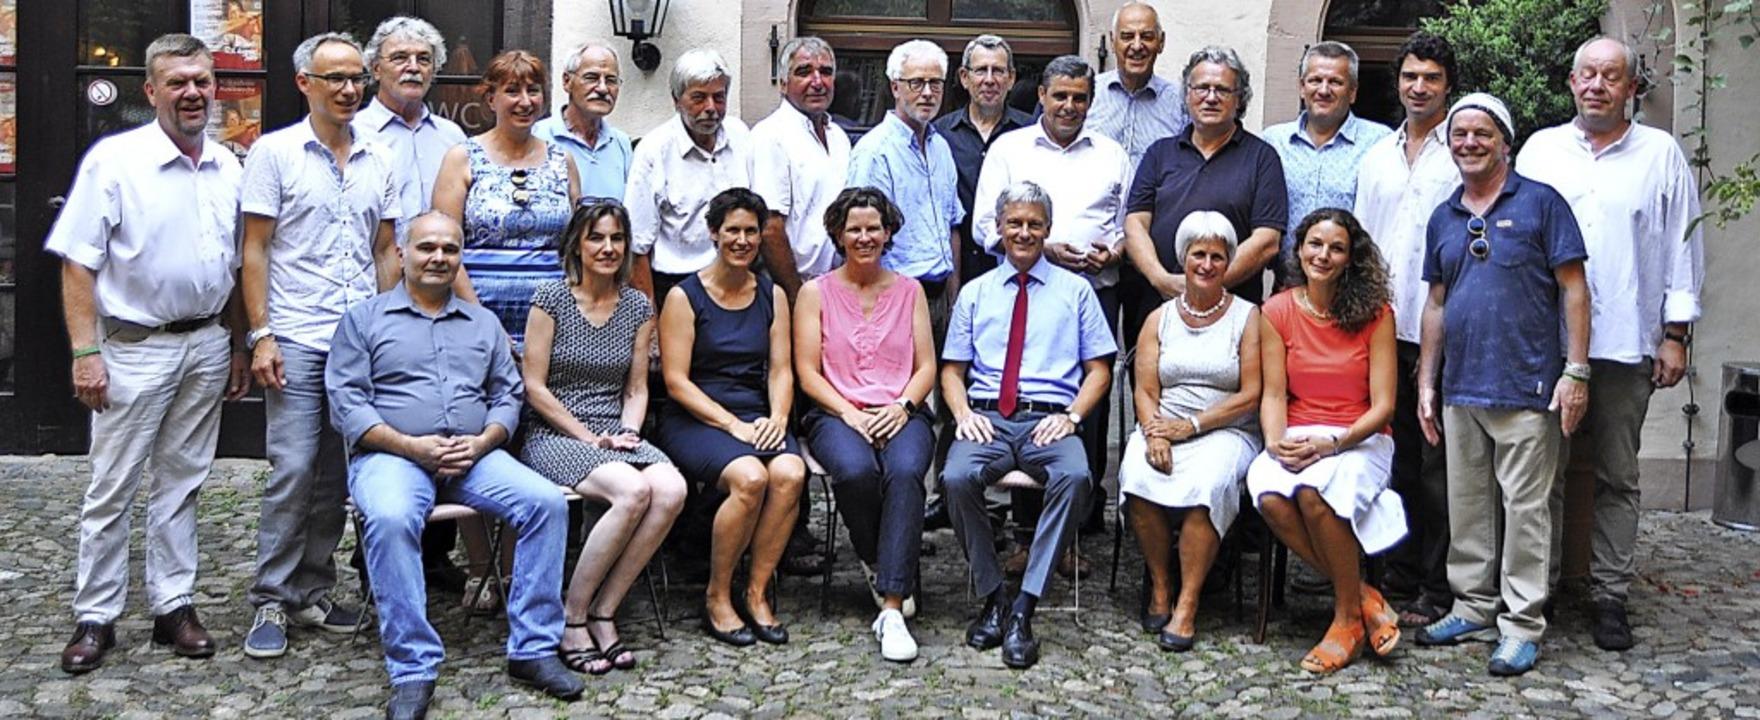 Gewählt für fünf Jahre: der neue Staufener Gemeinderat   | Foto: Rainer Ruther